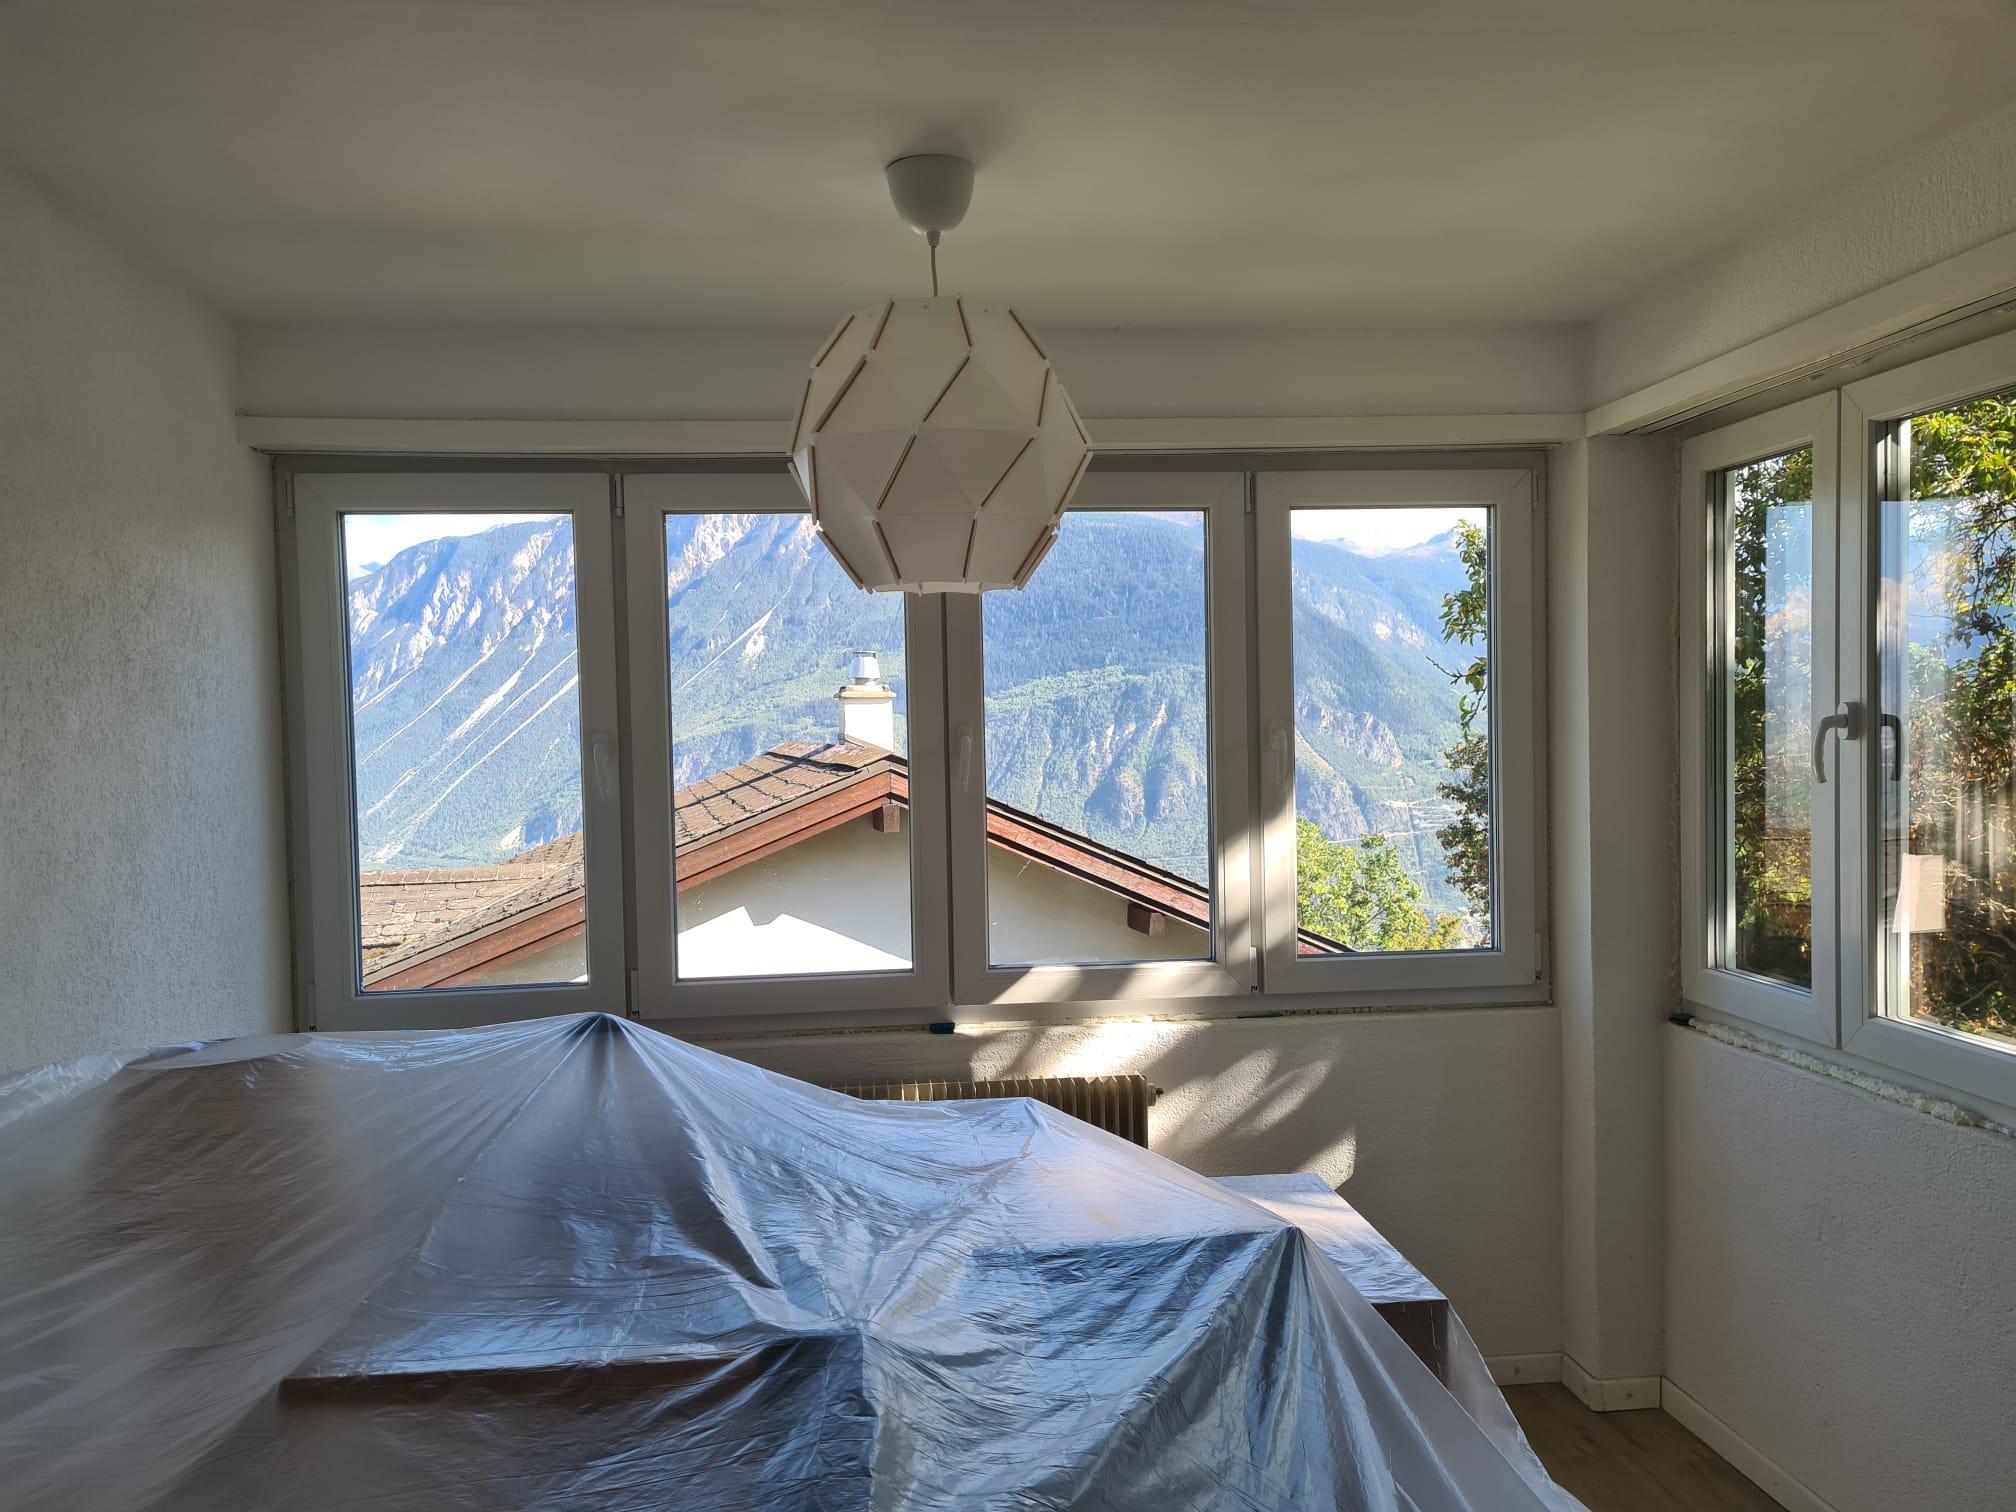 MIROX - polskie okna renowacyjne w Szwajcarii